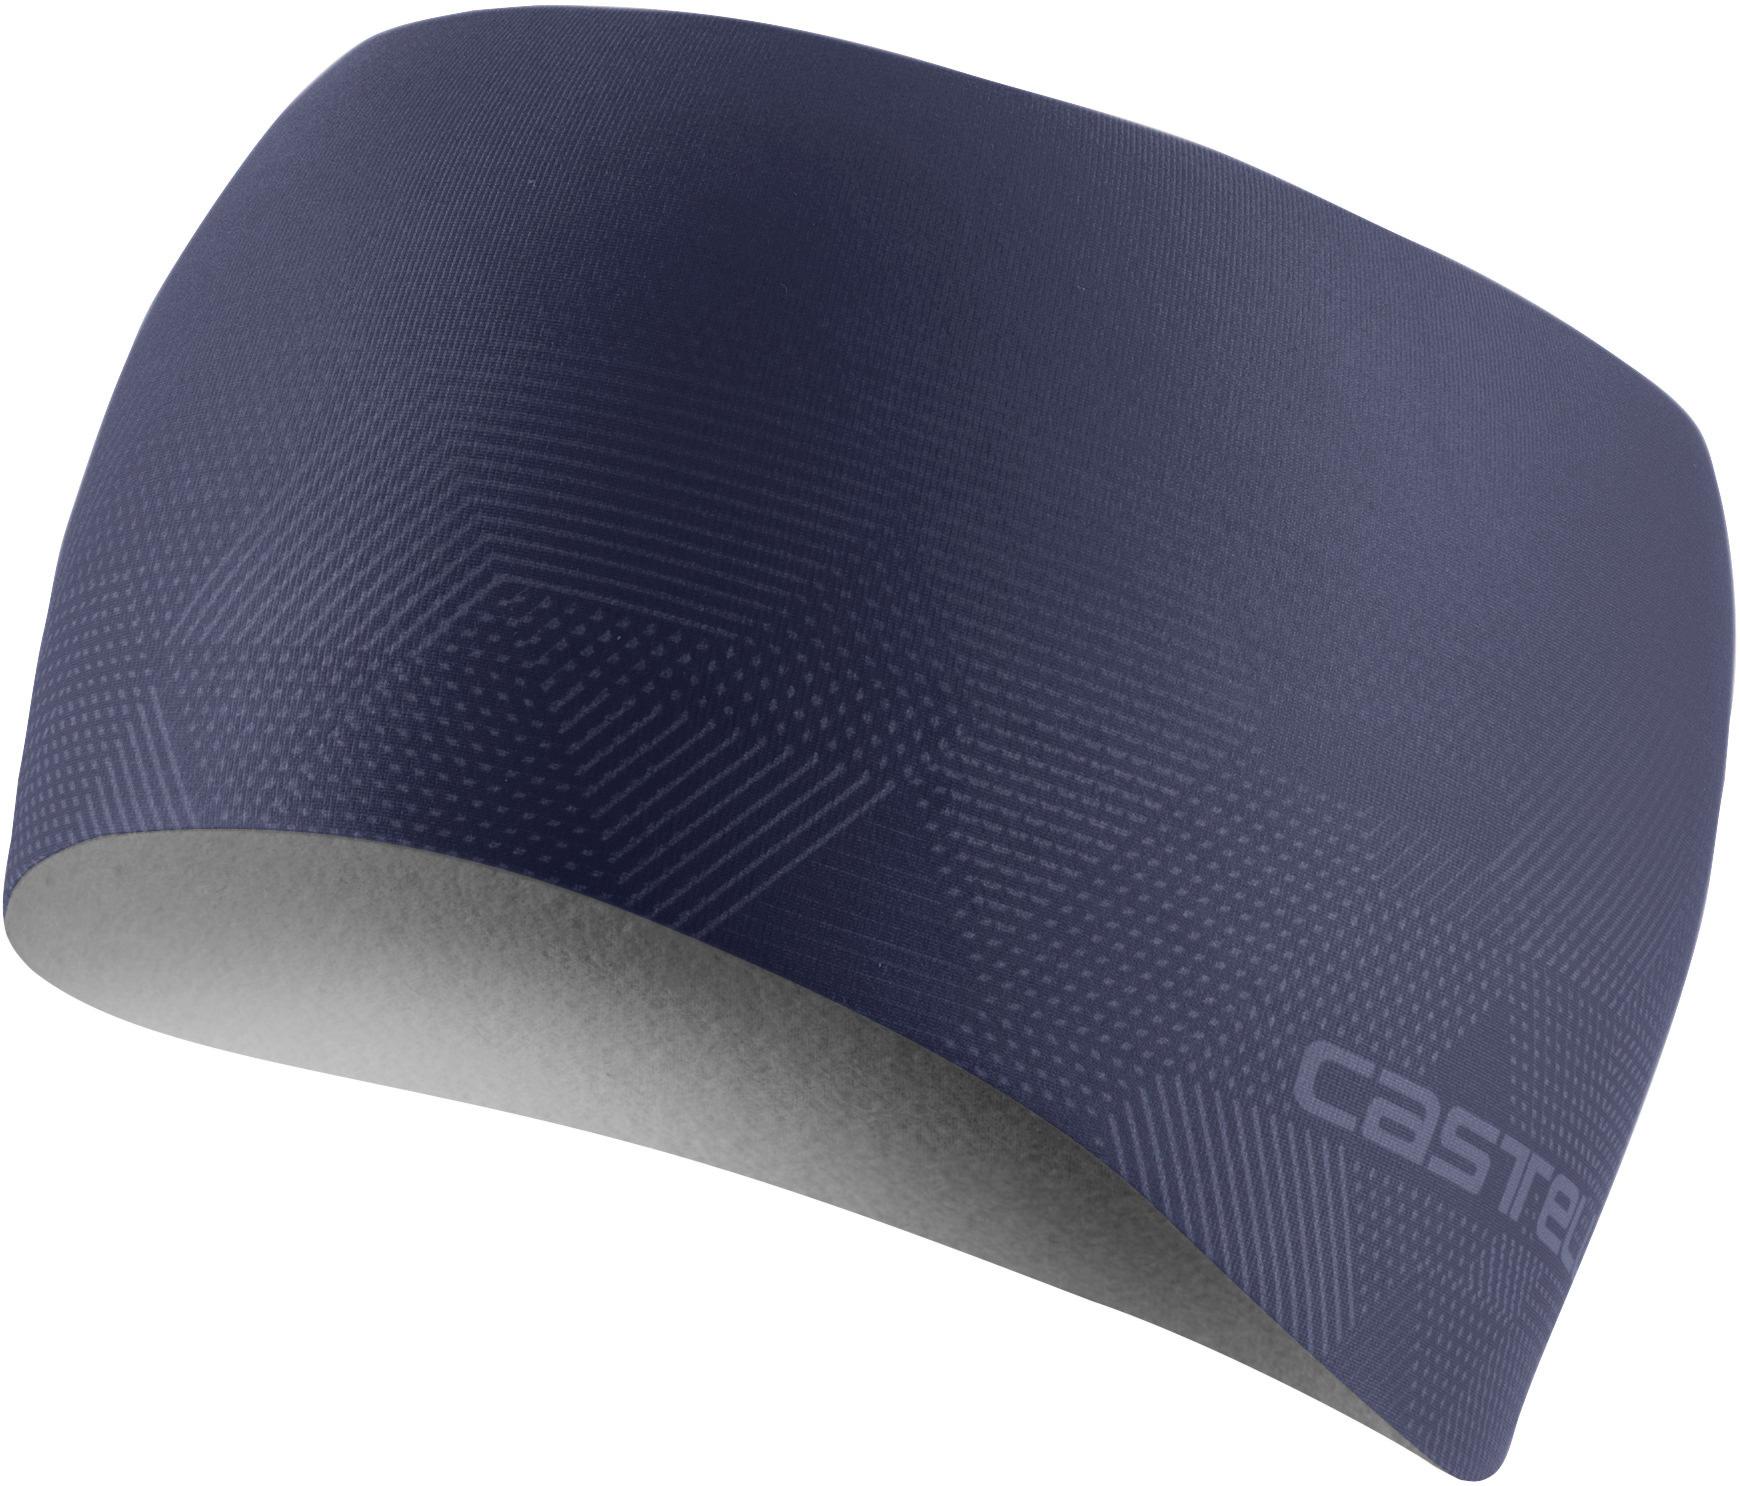 Produktbild von Castelli Pro Thermal Stirnband - savile blue 414